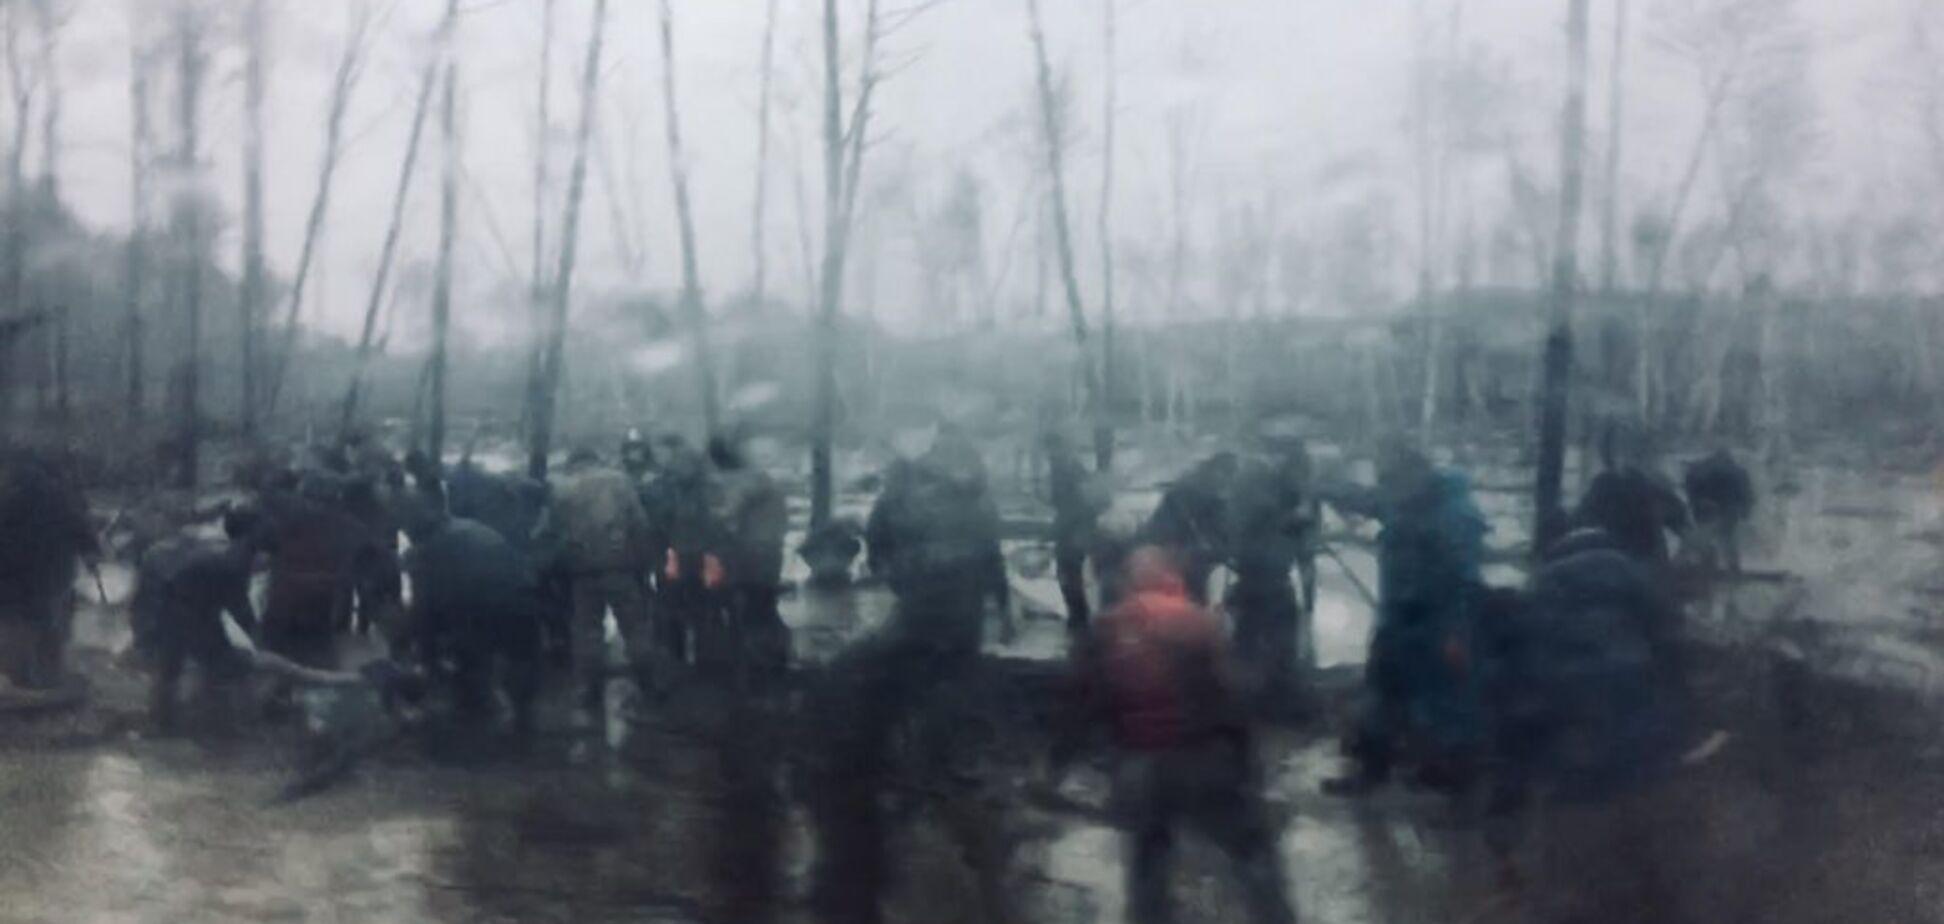 'МВД крышует': журналист показал масштабы нелегальной добычи янтаря в Украине